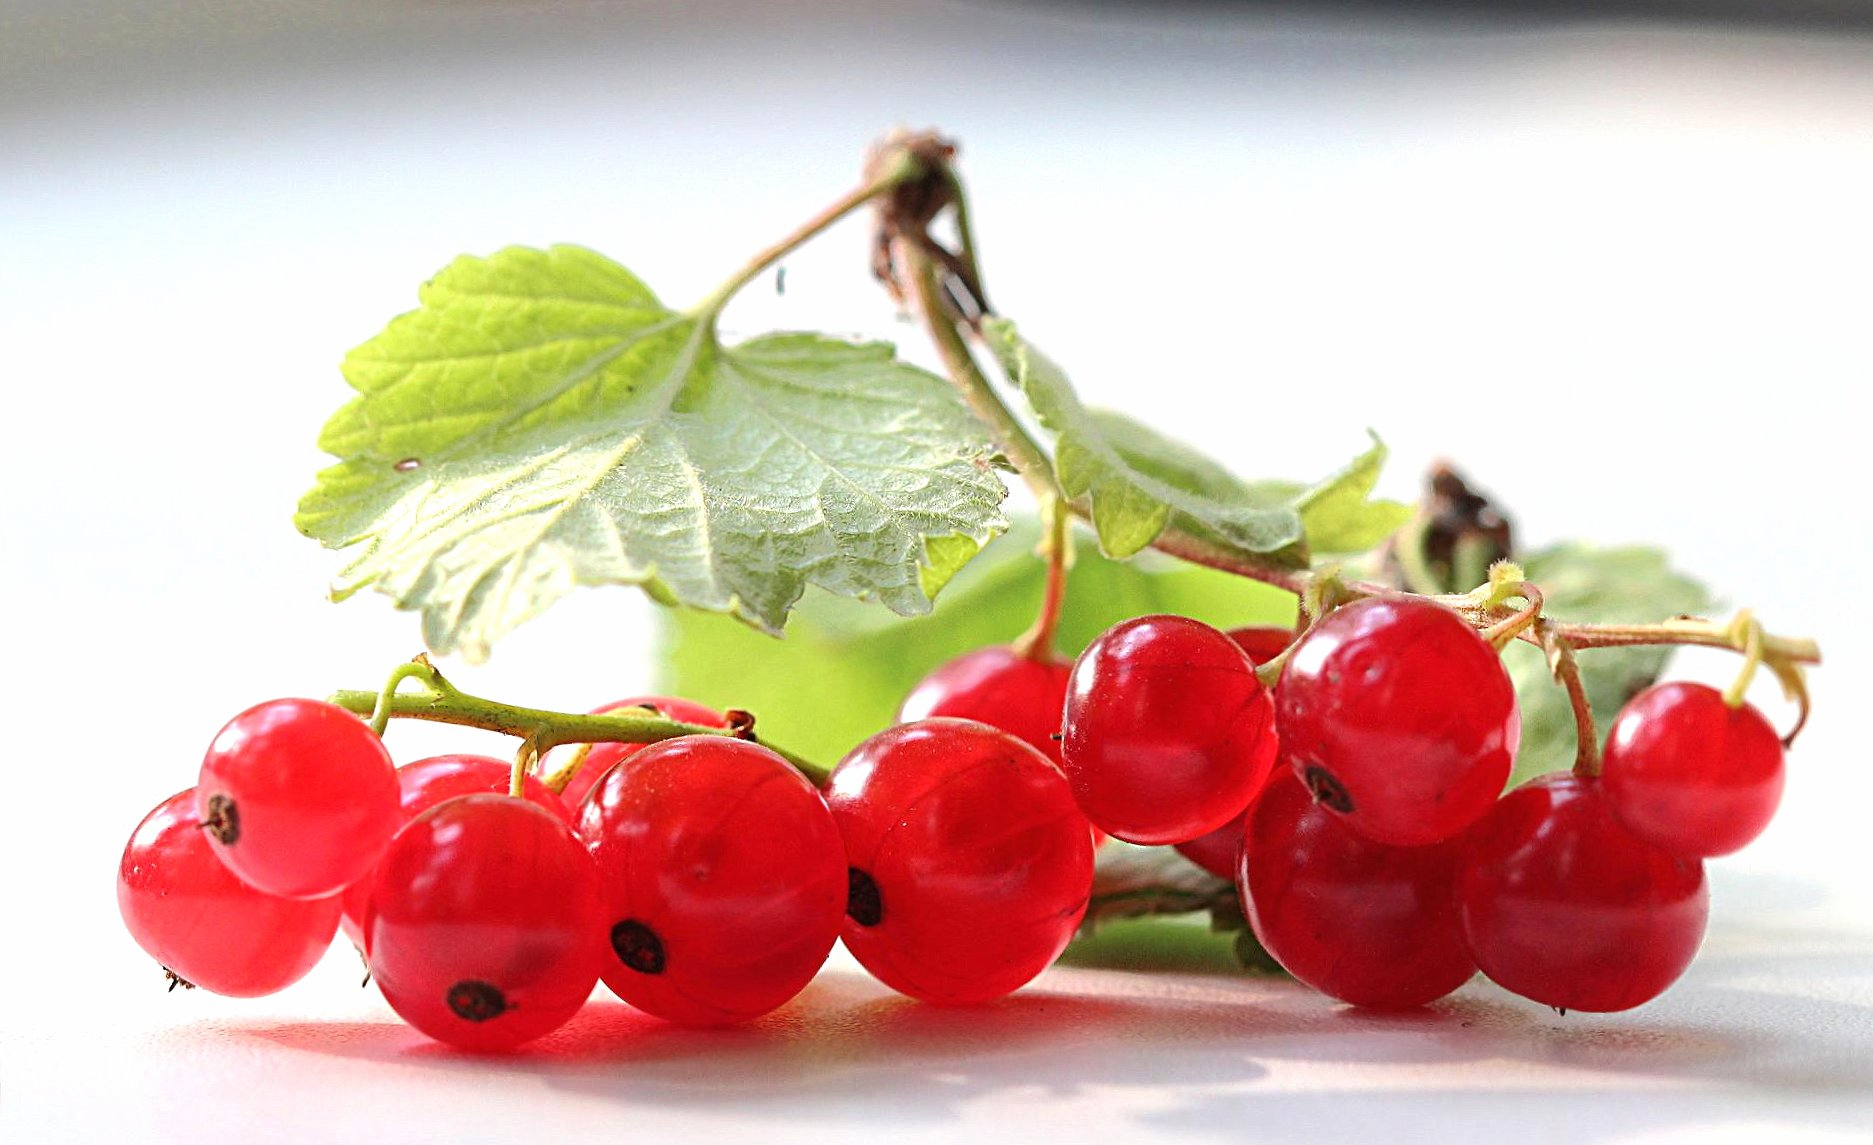 природа ягоды смородина nature berries currant без смс